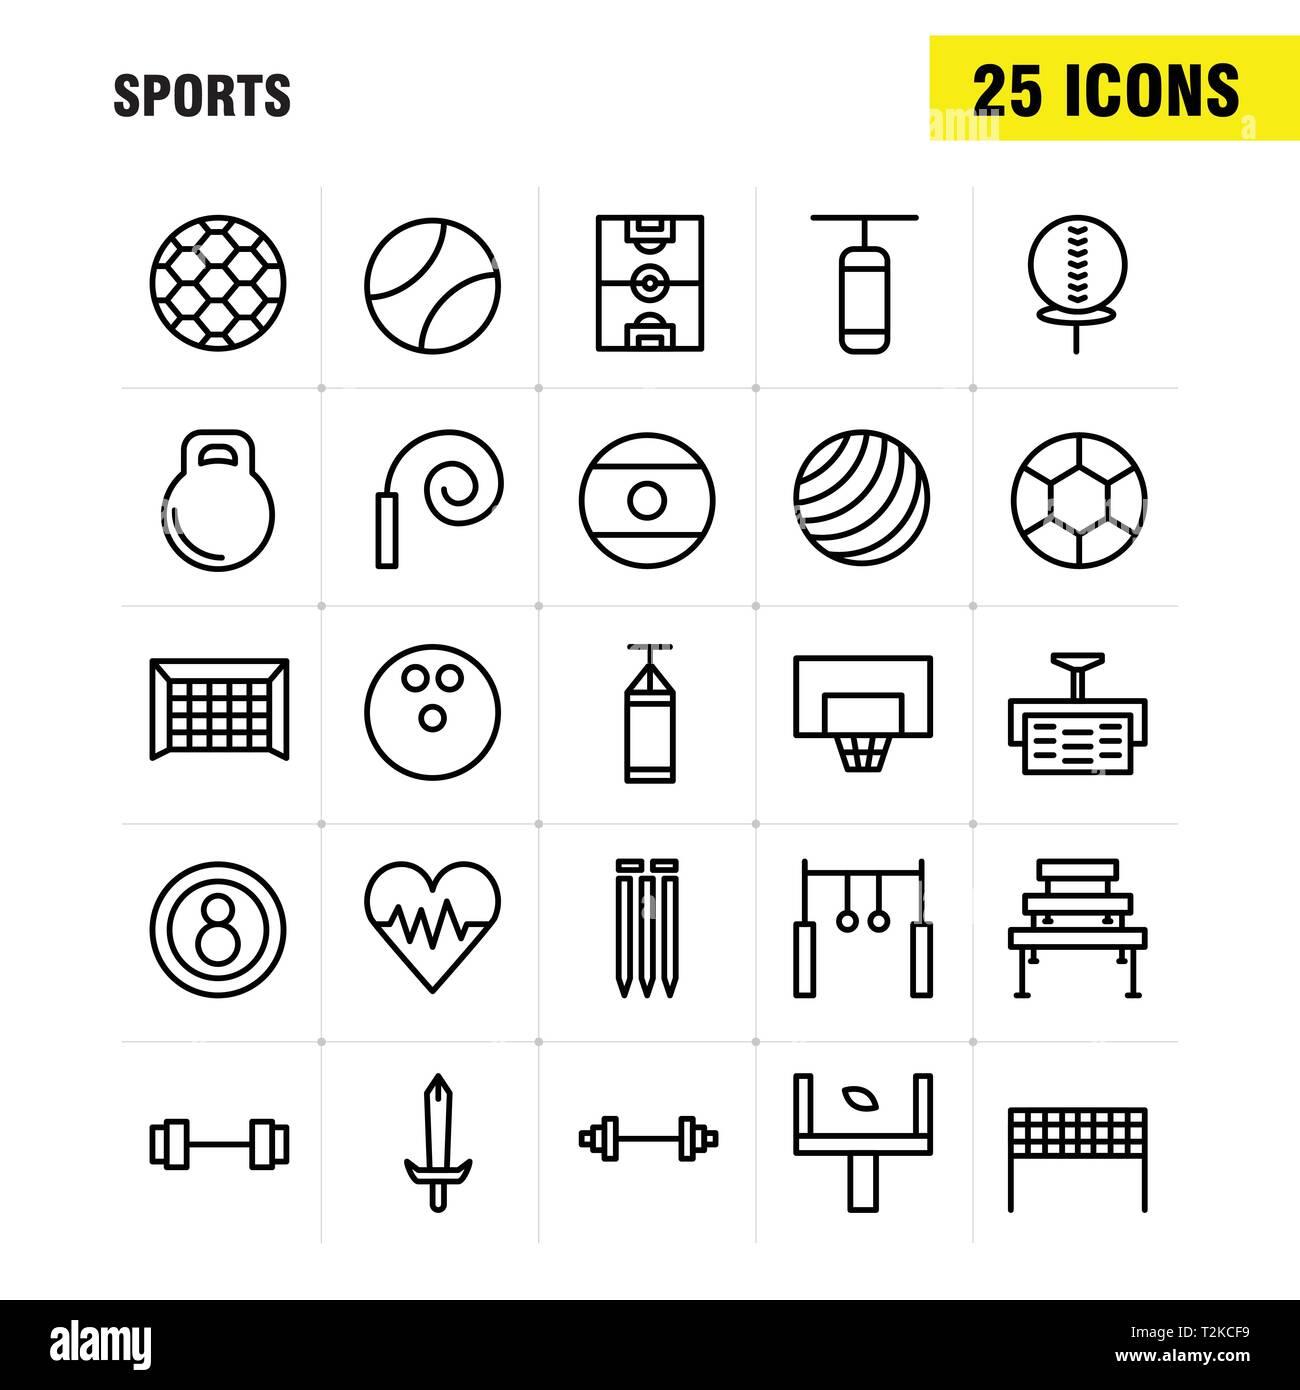 Linea sport Icon Pack per i progettisti e gli sviluppatori